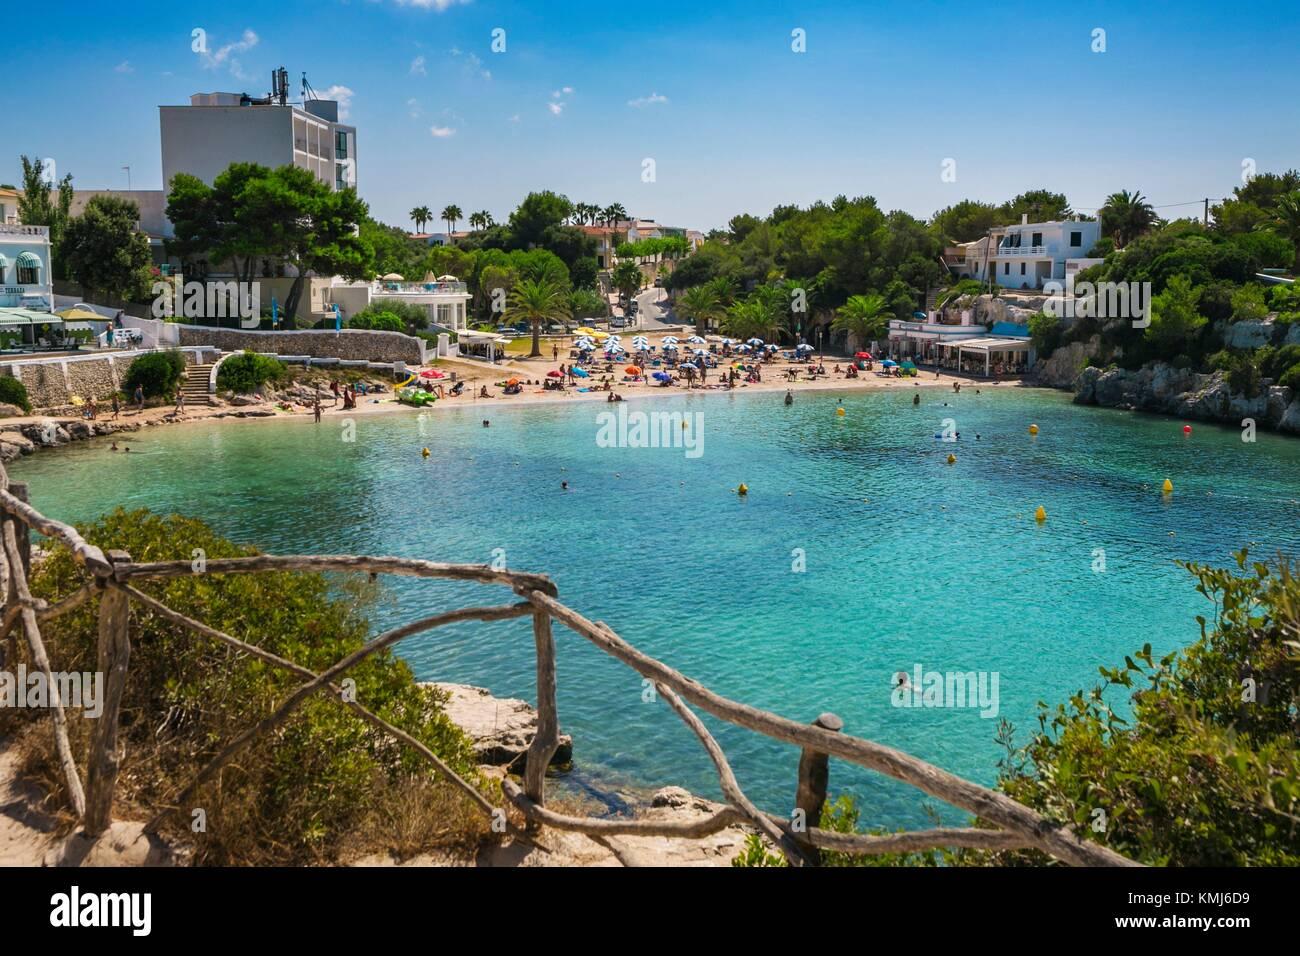 La plage de Cala Blanca. Ciutadella de Menorca Municipalité. Minorque. Îles Baléares. Espagne Photo Stock